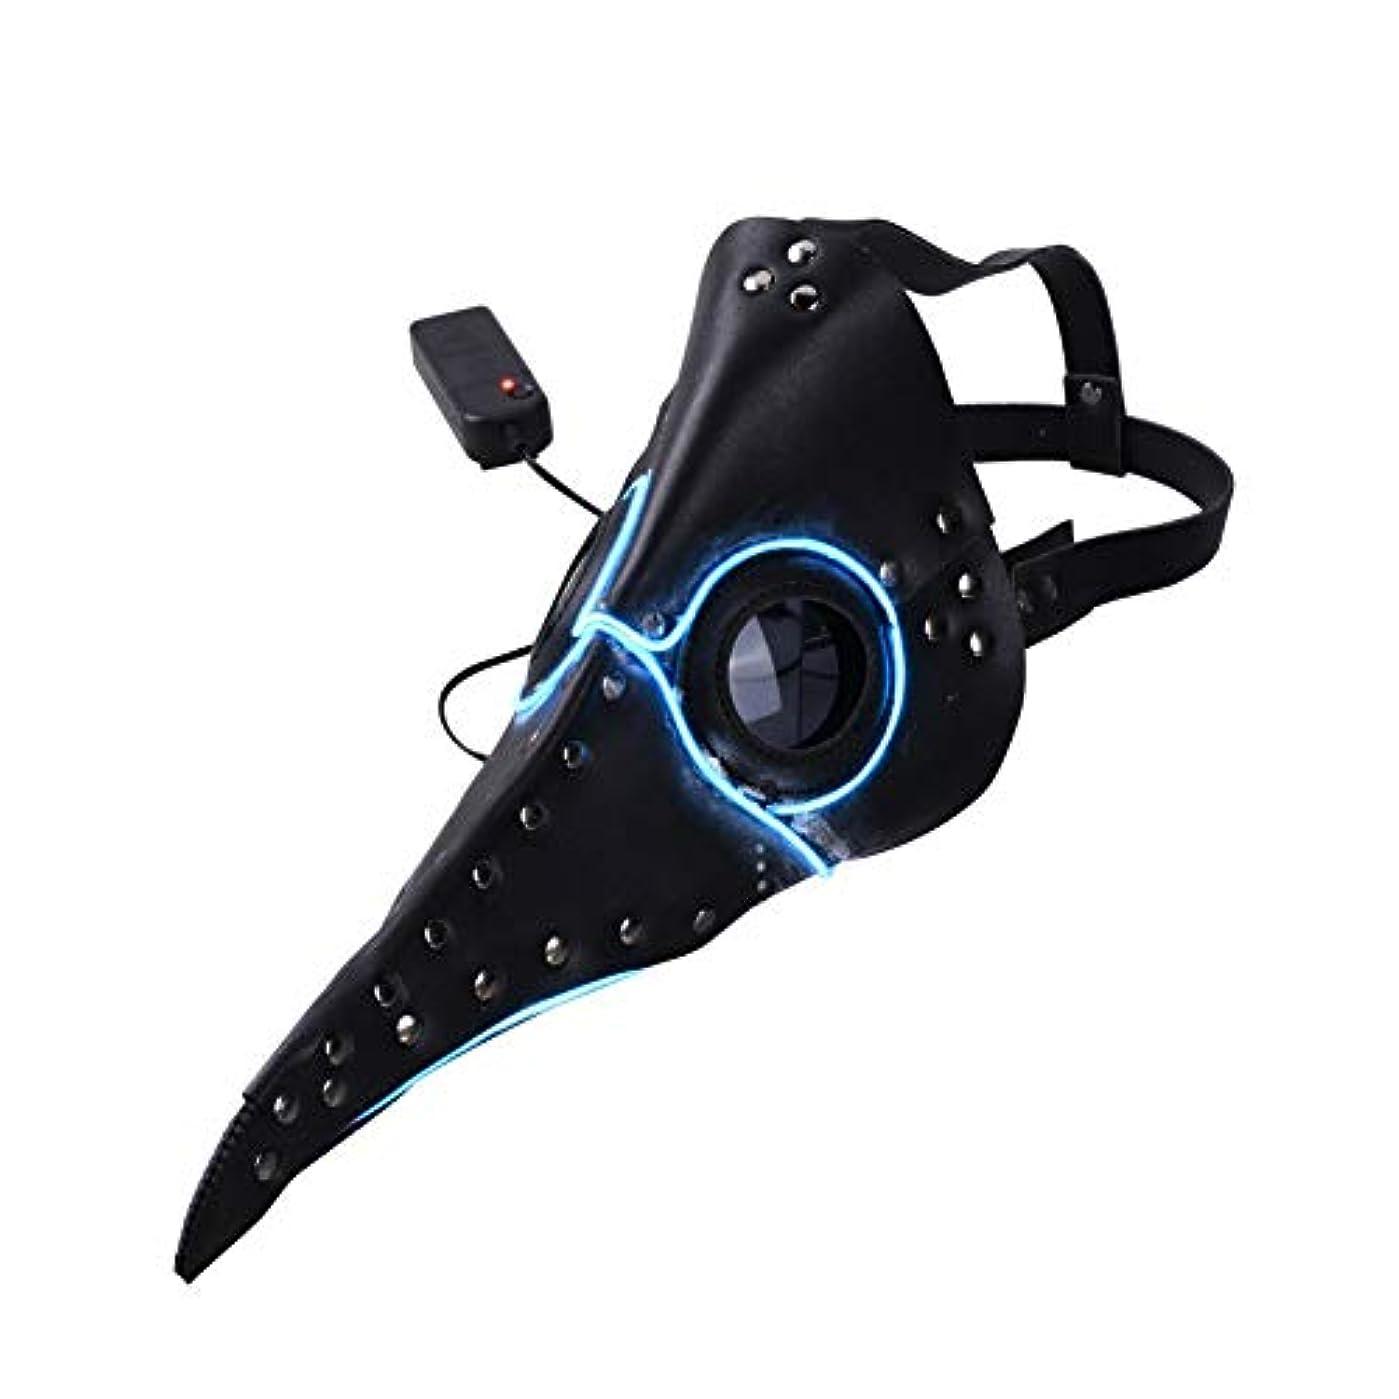 角度写真を描く分割Esolom LEDが点灯 ペストドクターマスク ロングノーズマスク くちばし ハロウィンデコレーション ゴシックロールプレイング カーニバル衣装小道具